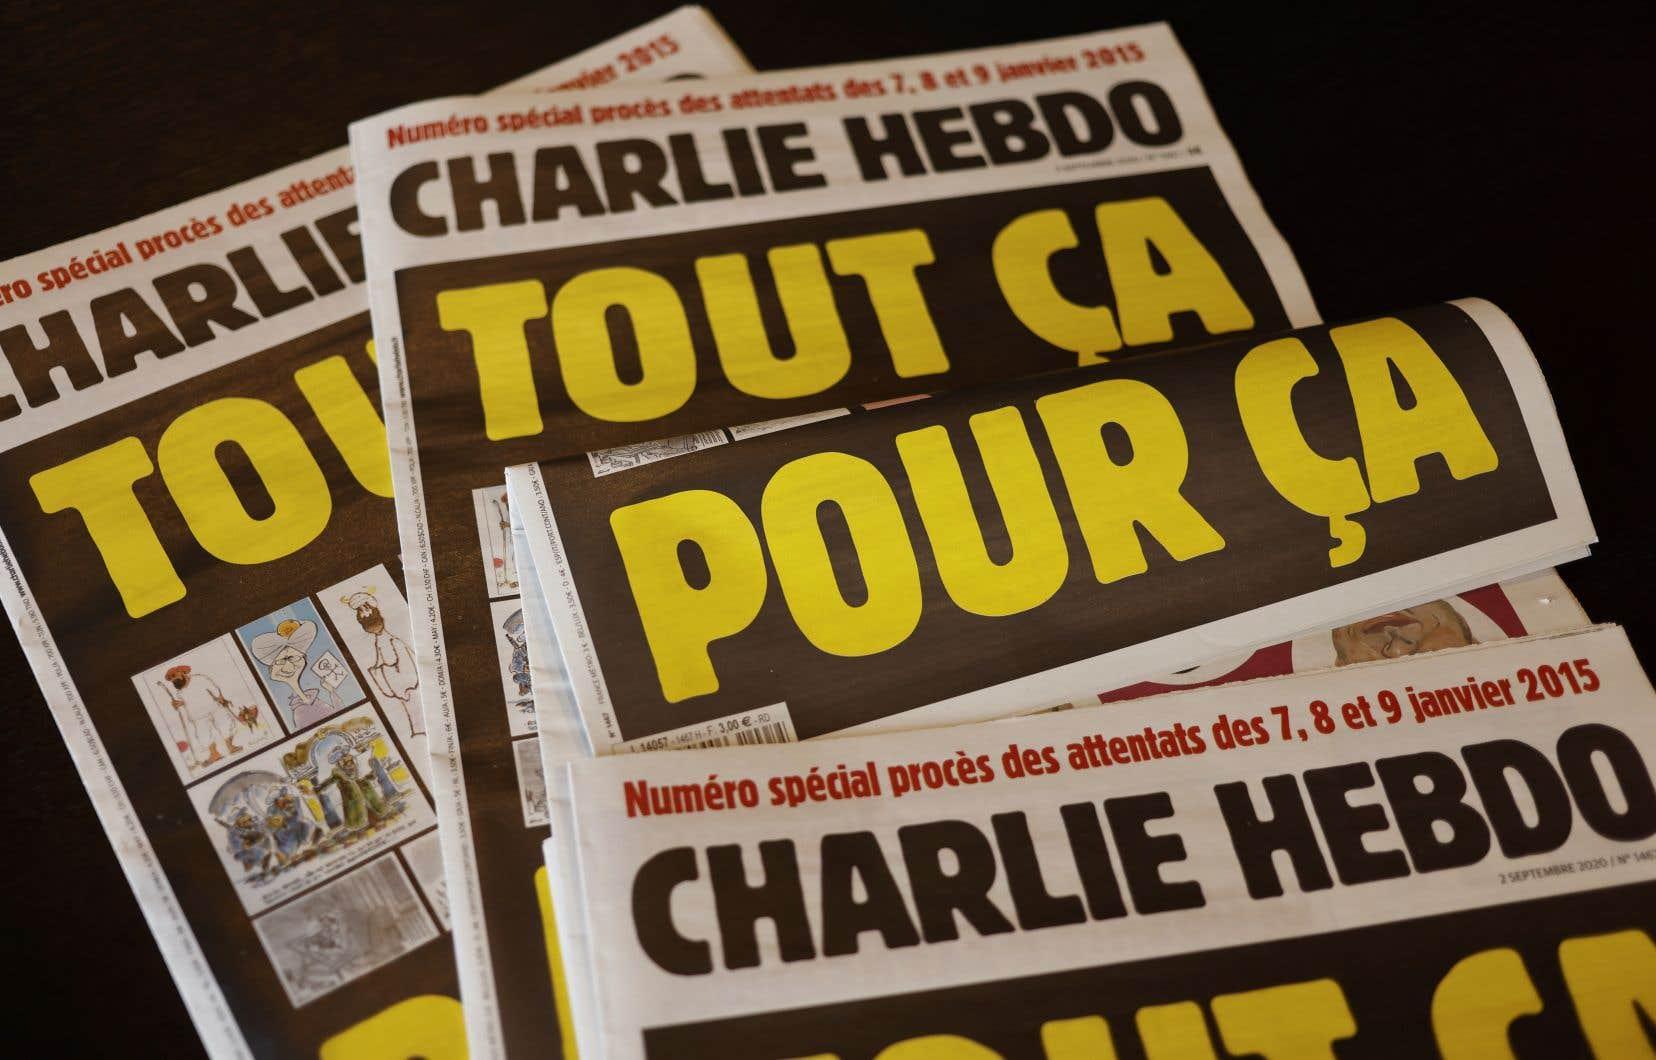 La Une du prochain Charlie Hebdo, sous le titre «Tout ça pour ça», reproduit aussi une caricature du prophète signée par son dessinateur Cabu, assassiné dans l'attentat du 7janvier 2015.